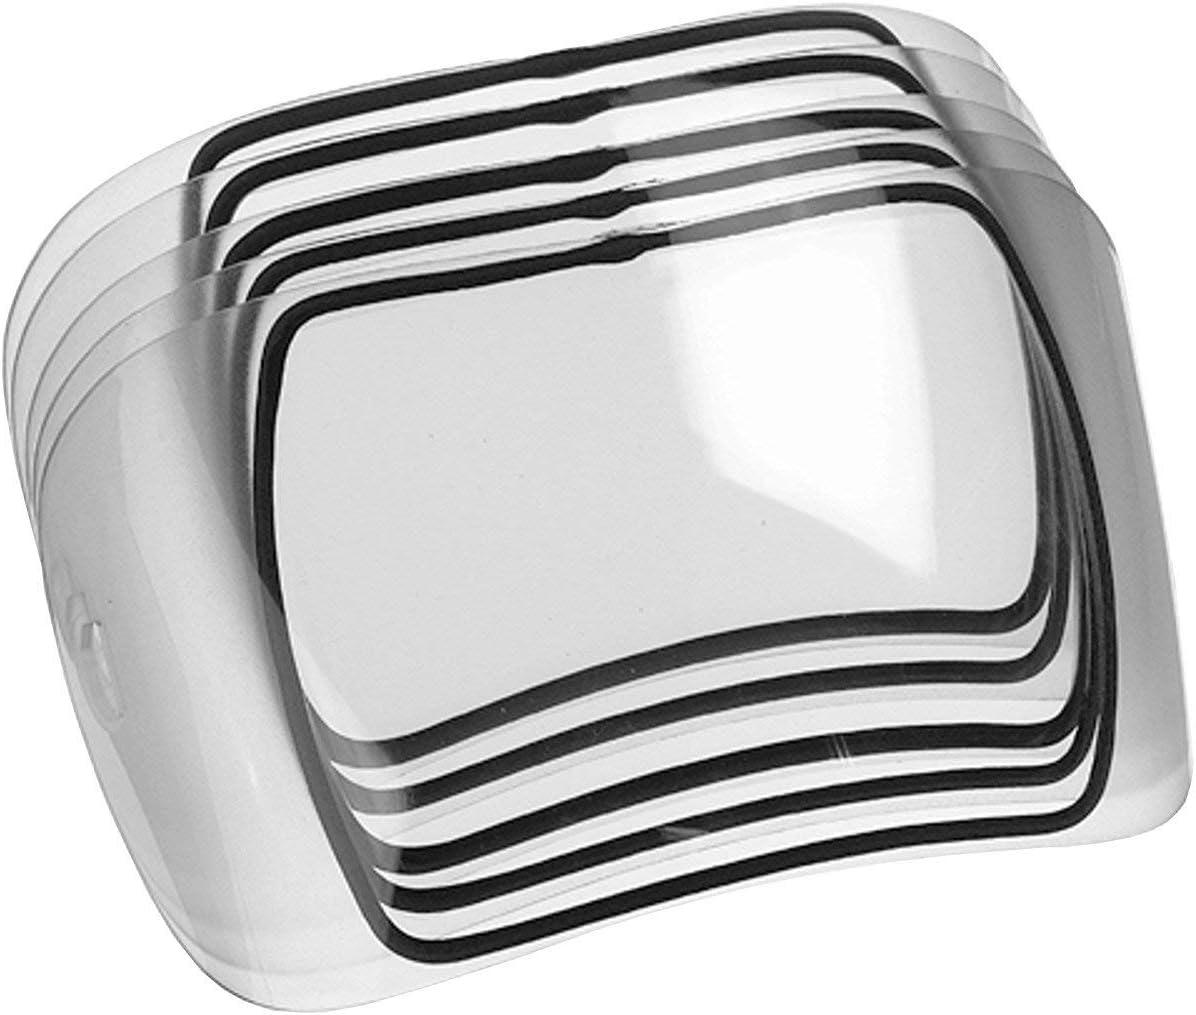 e684 and VegaView Welding Helmets Pkg//5 Optrel Outside Cover Lens for e680